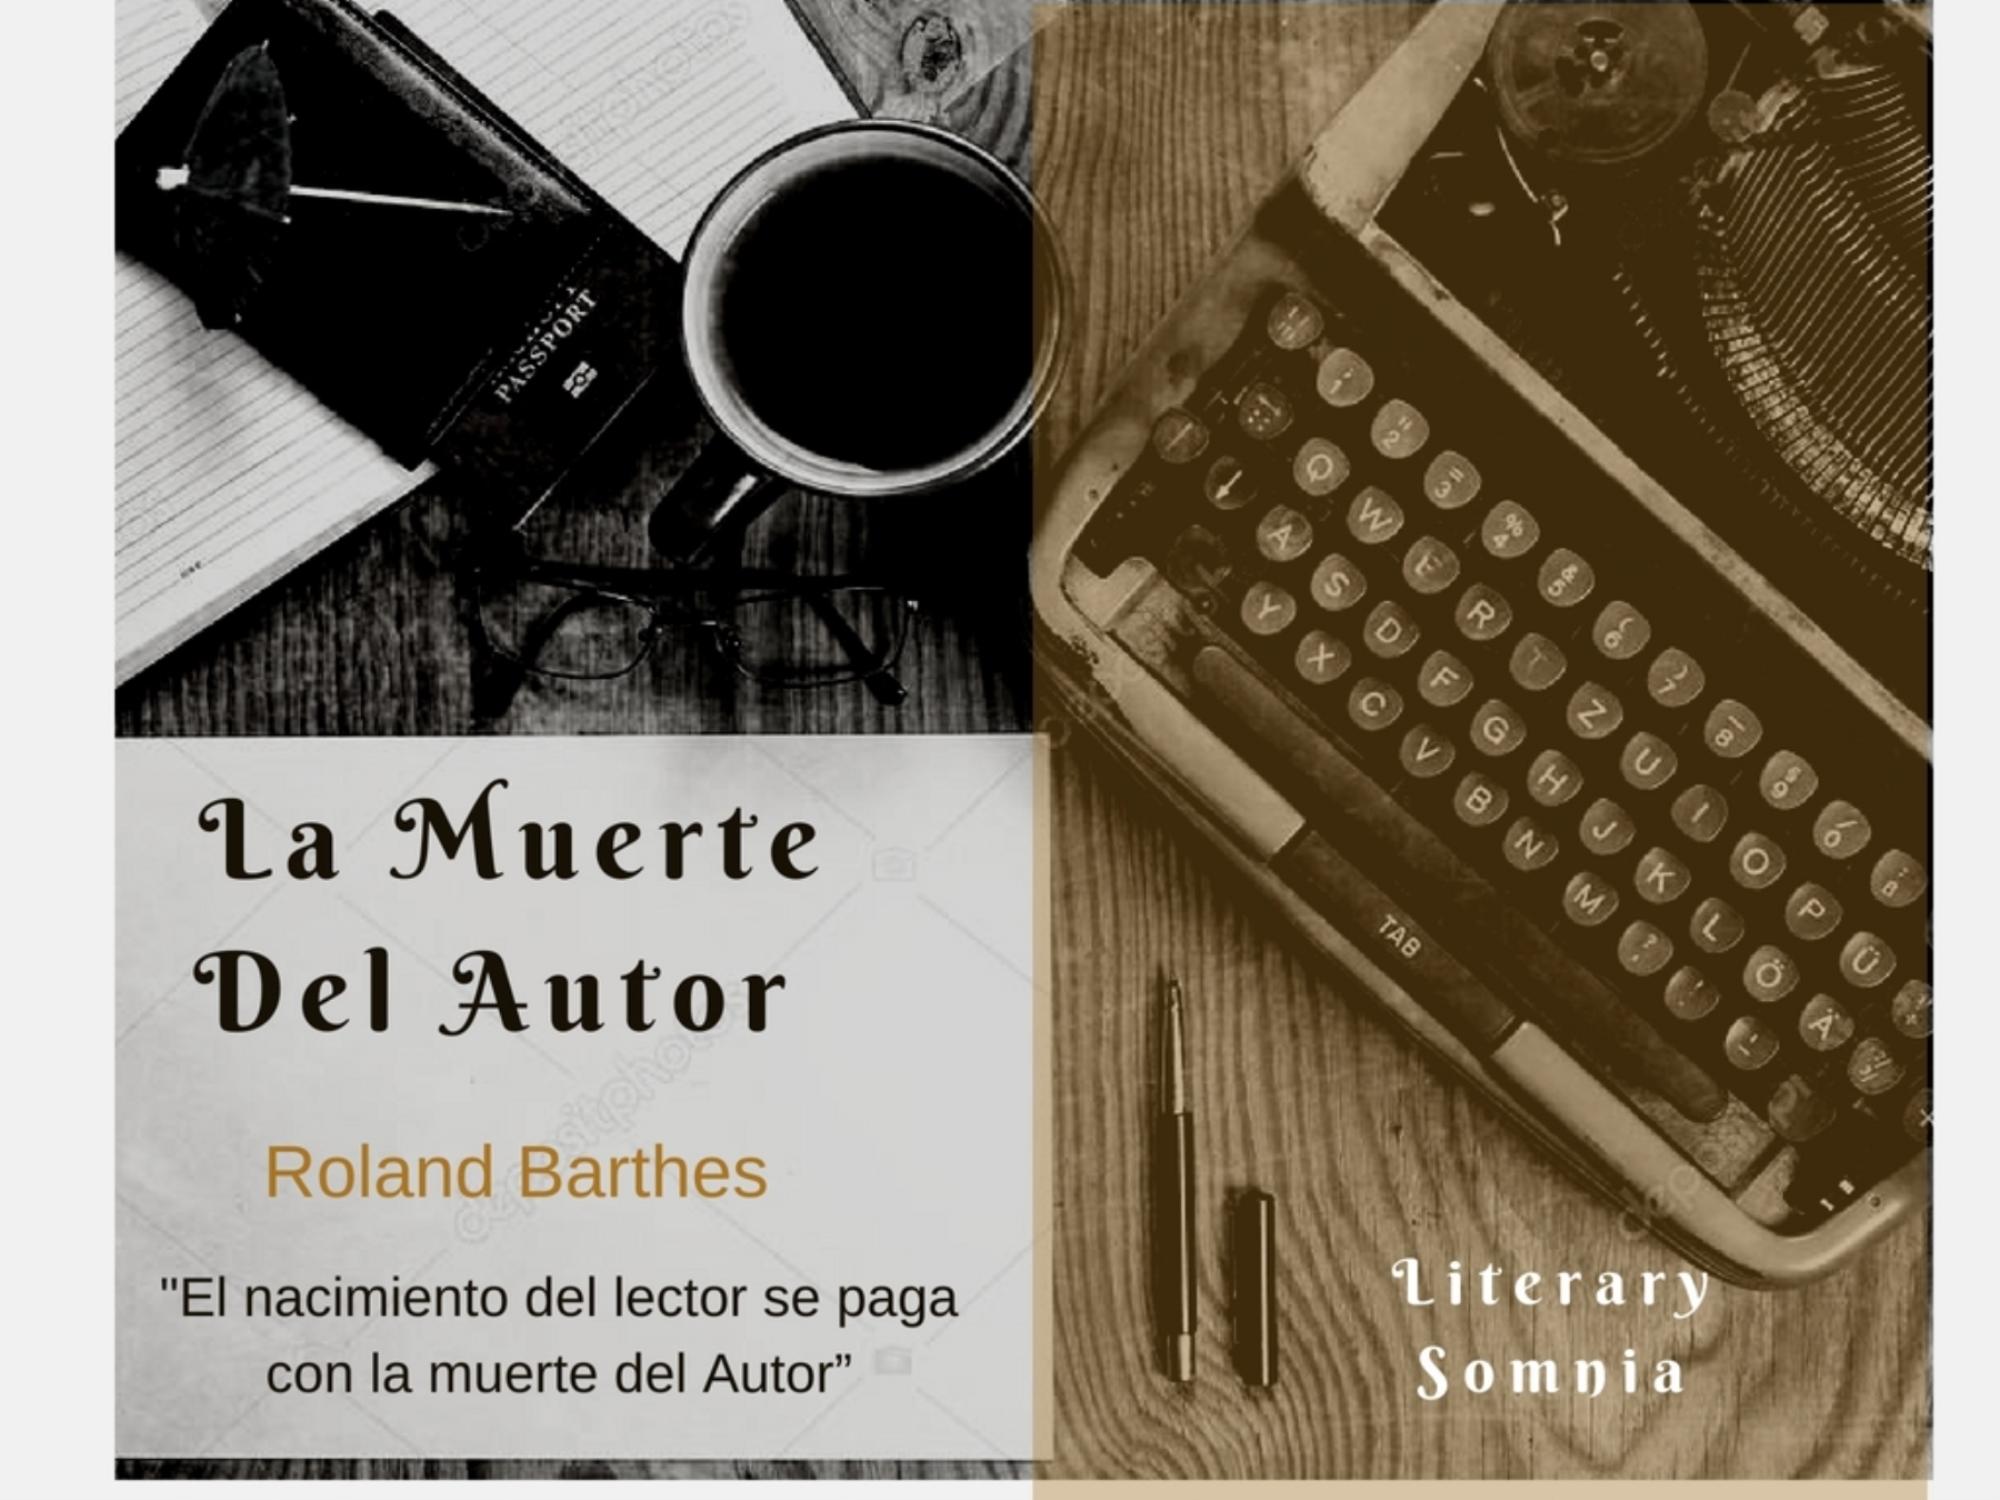 La Muerte del Autor Barthes